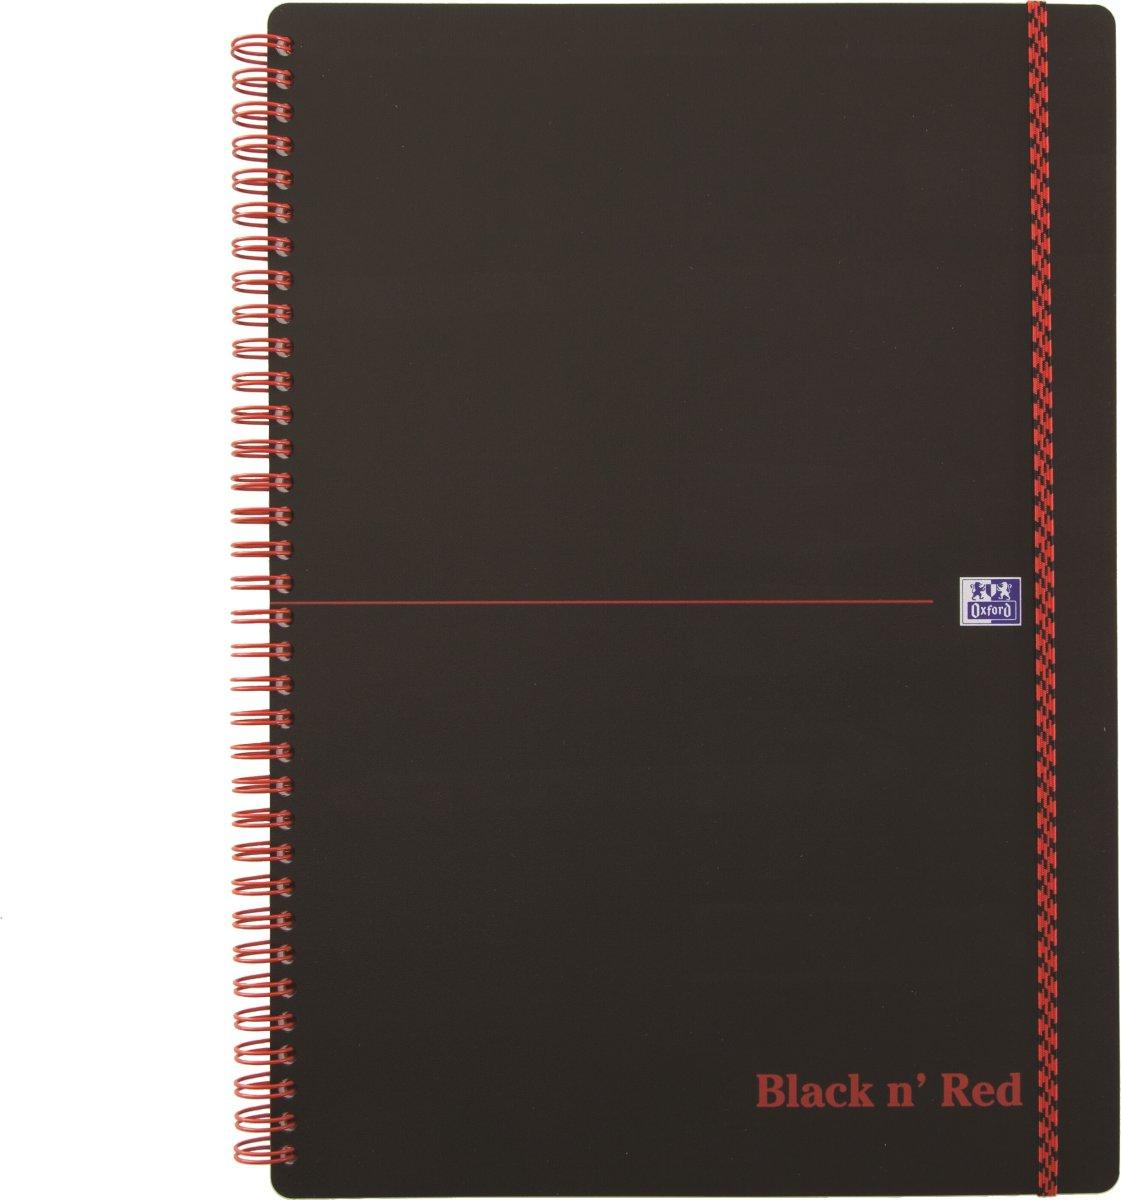 Oxford Black n'Red Notesbog A4, linjeret